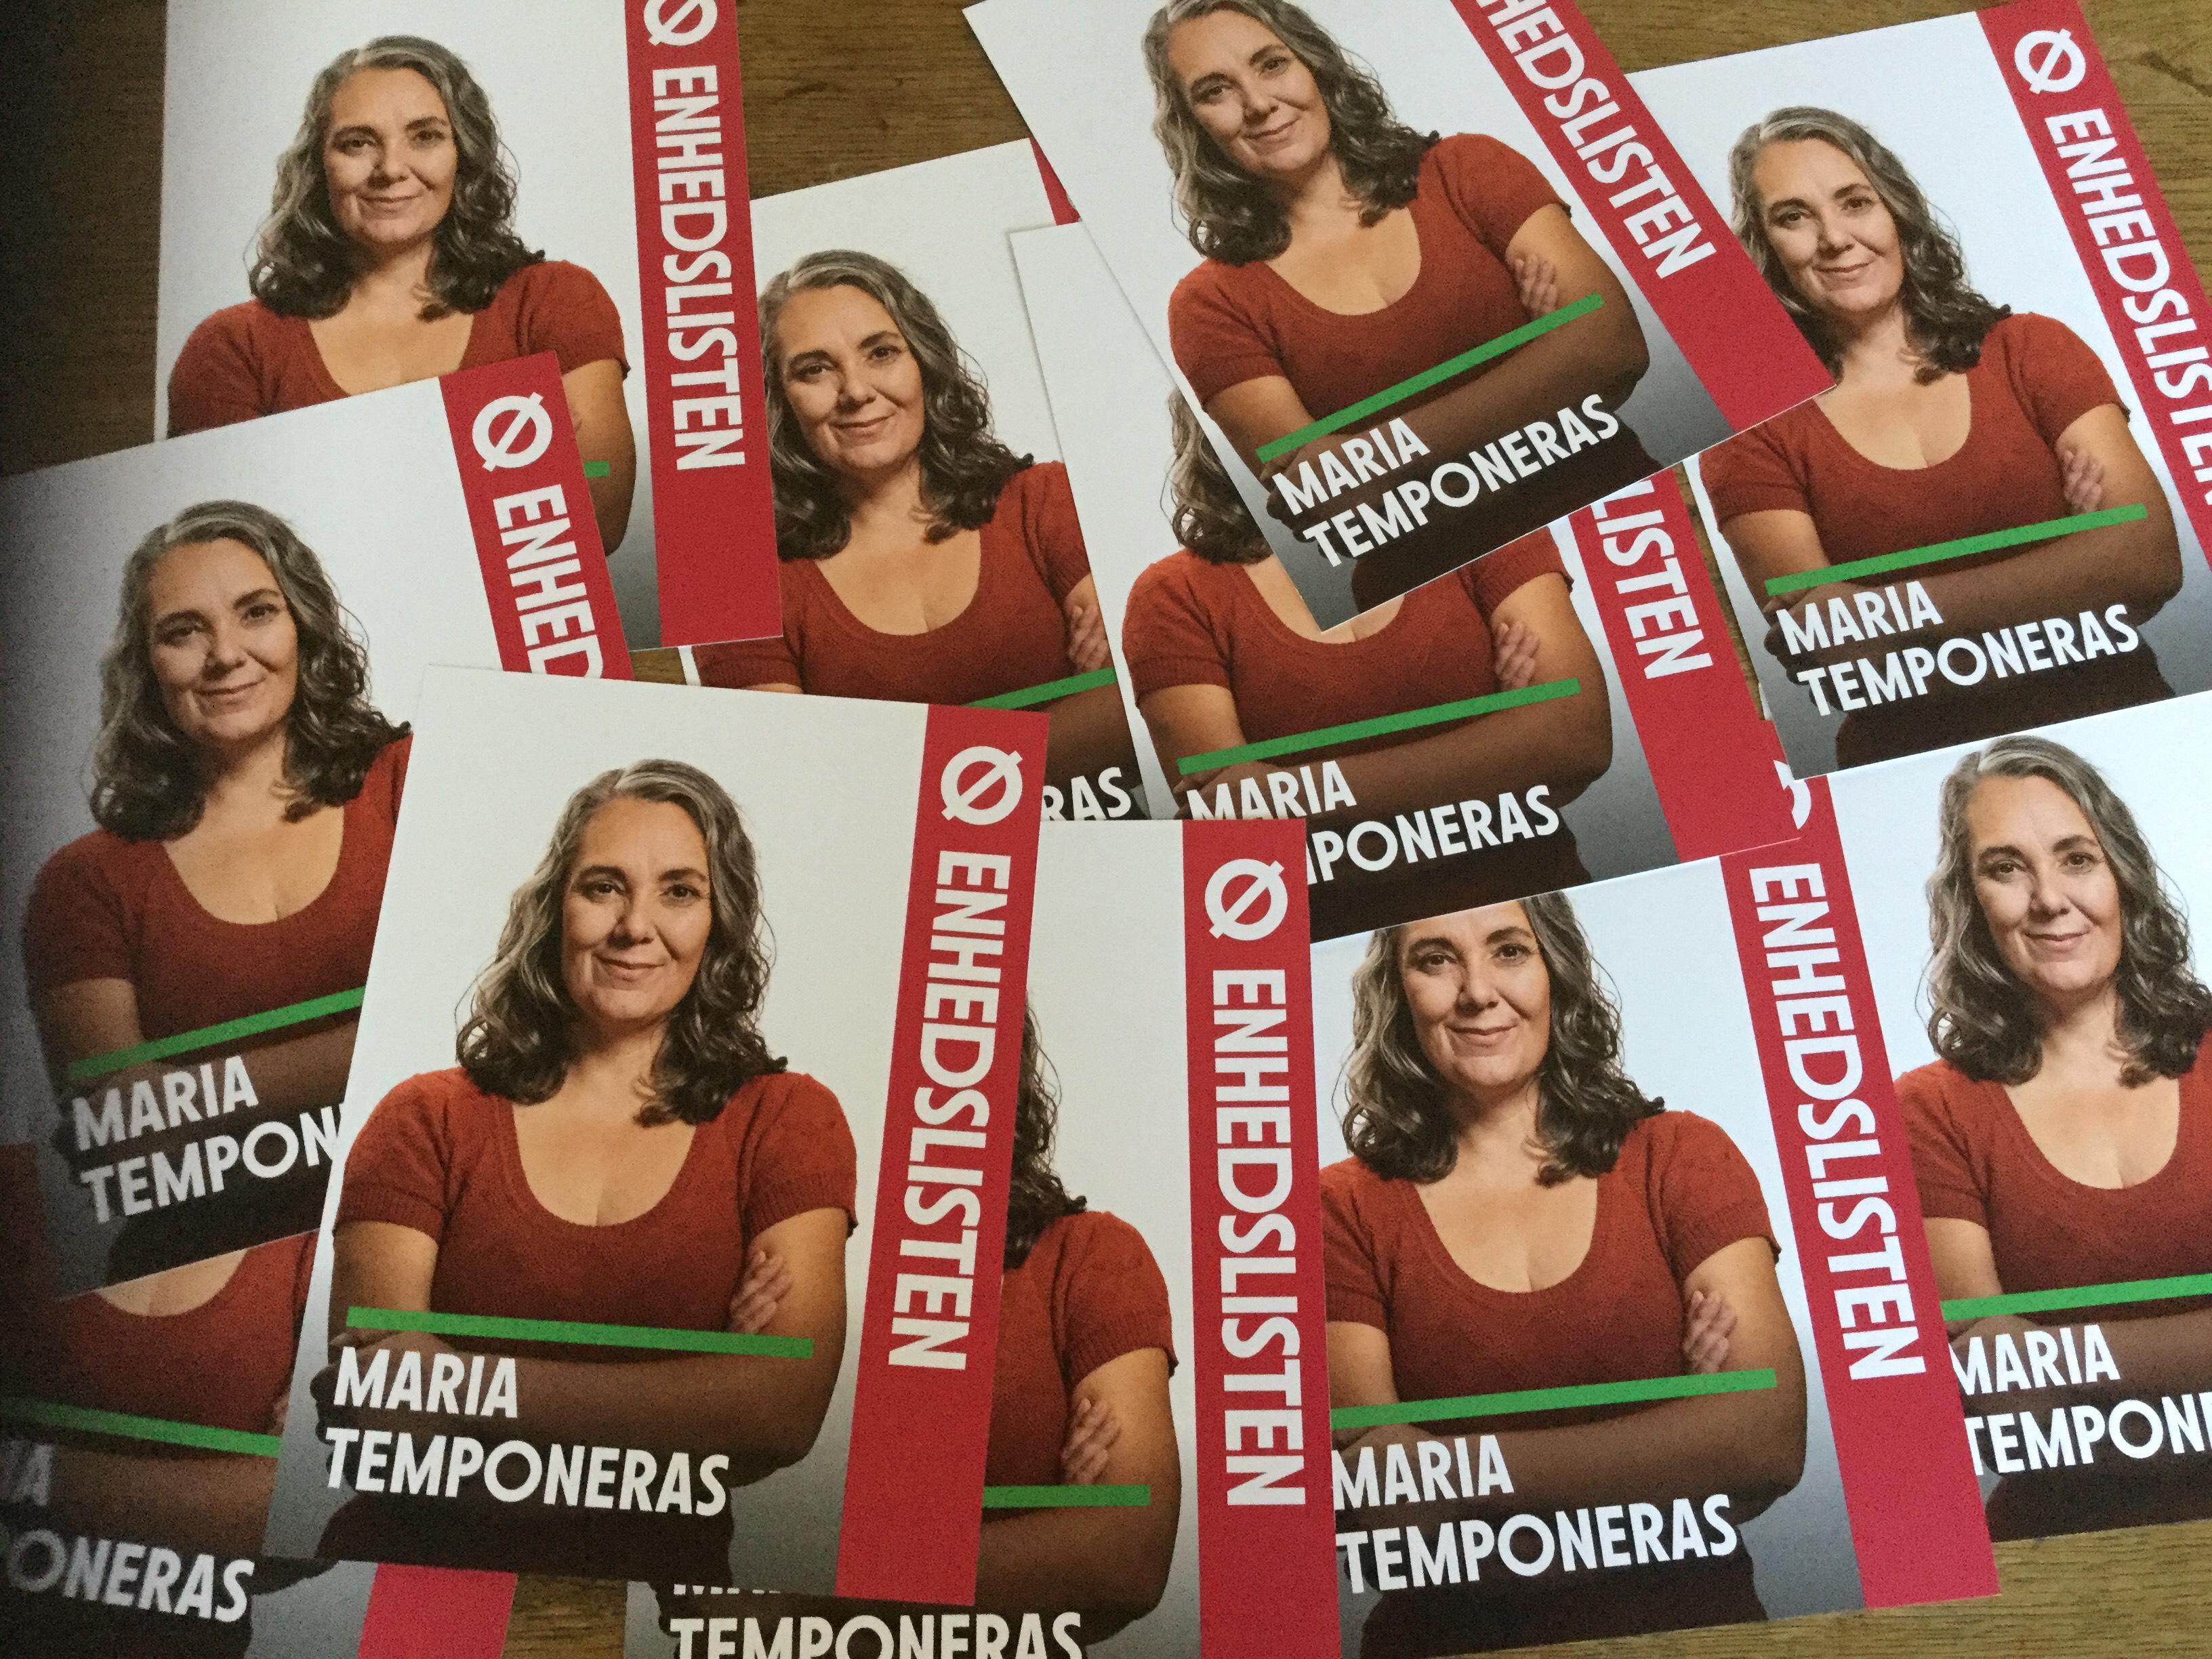 Maria Temponeras folketingsvalg